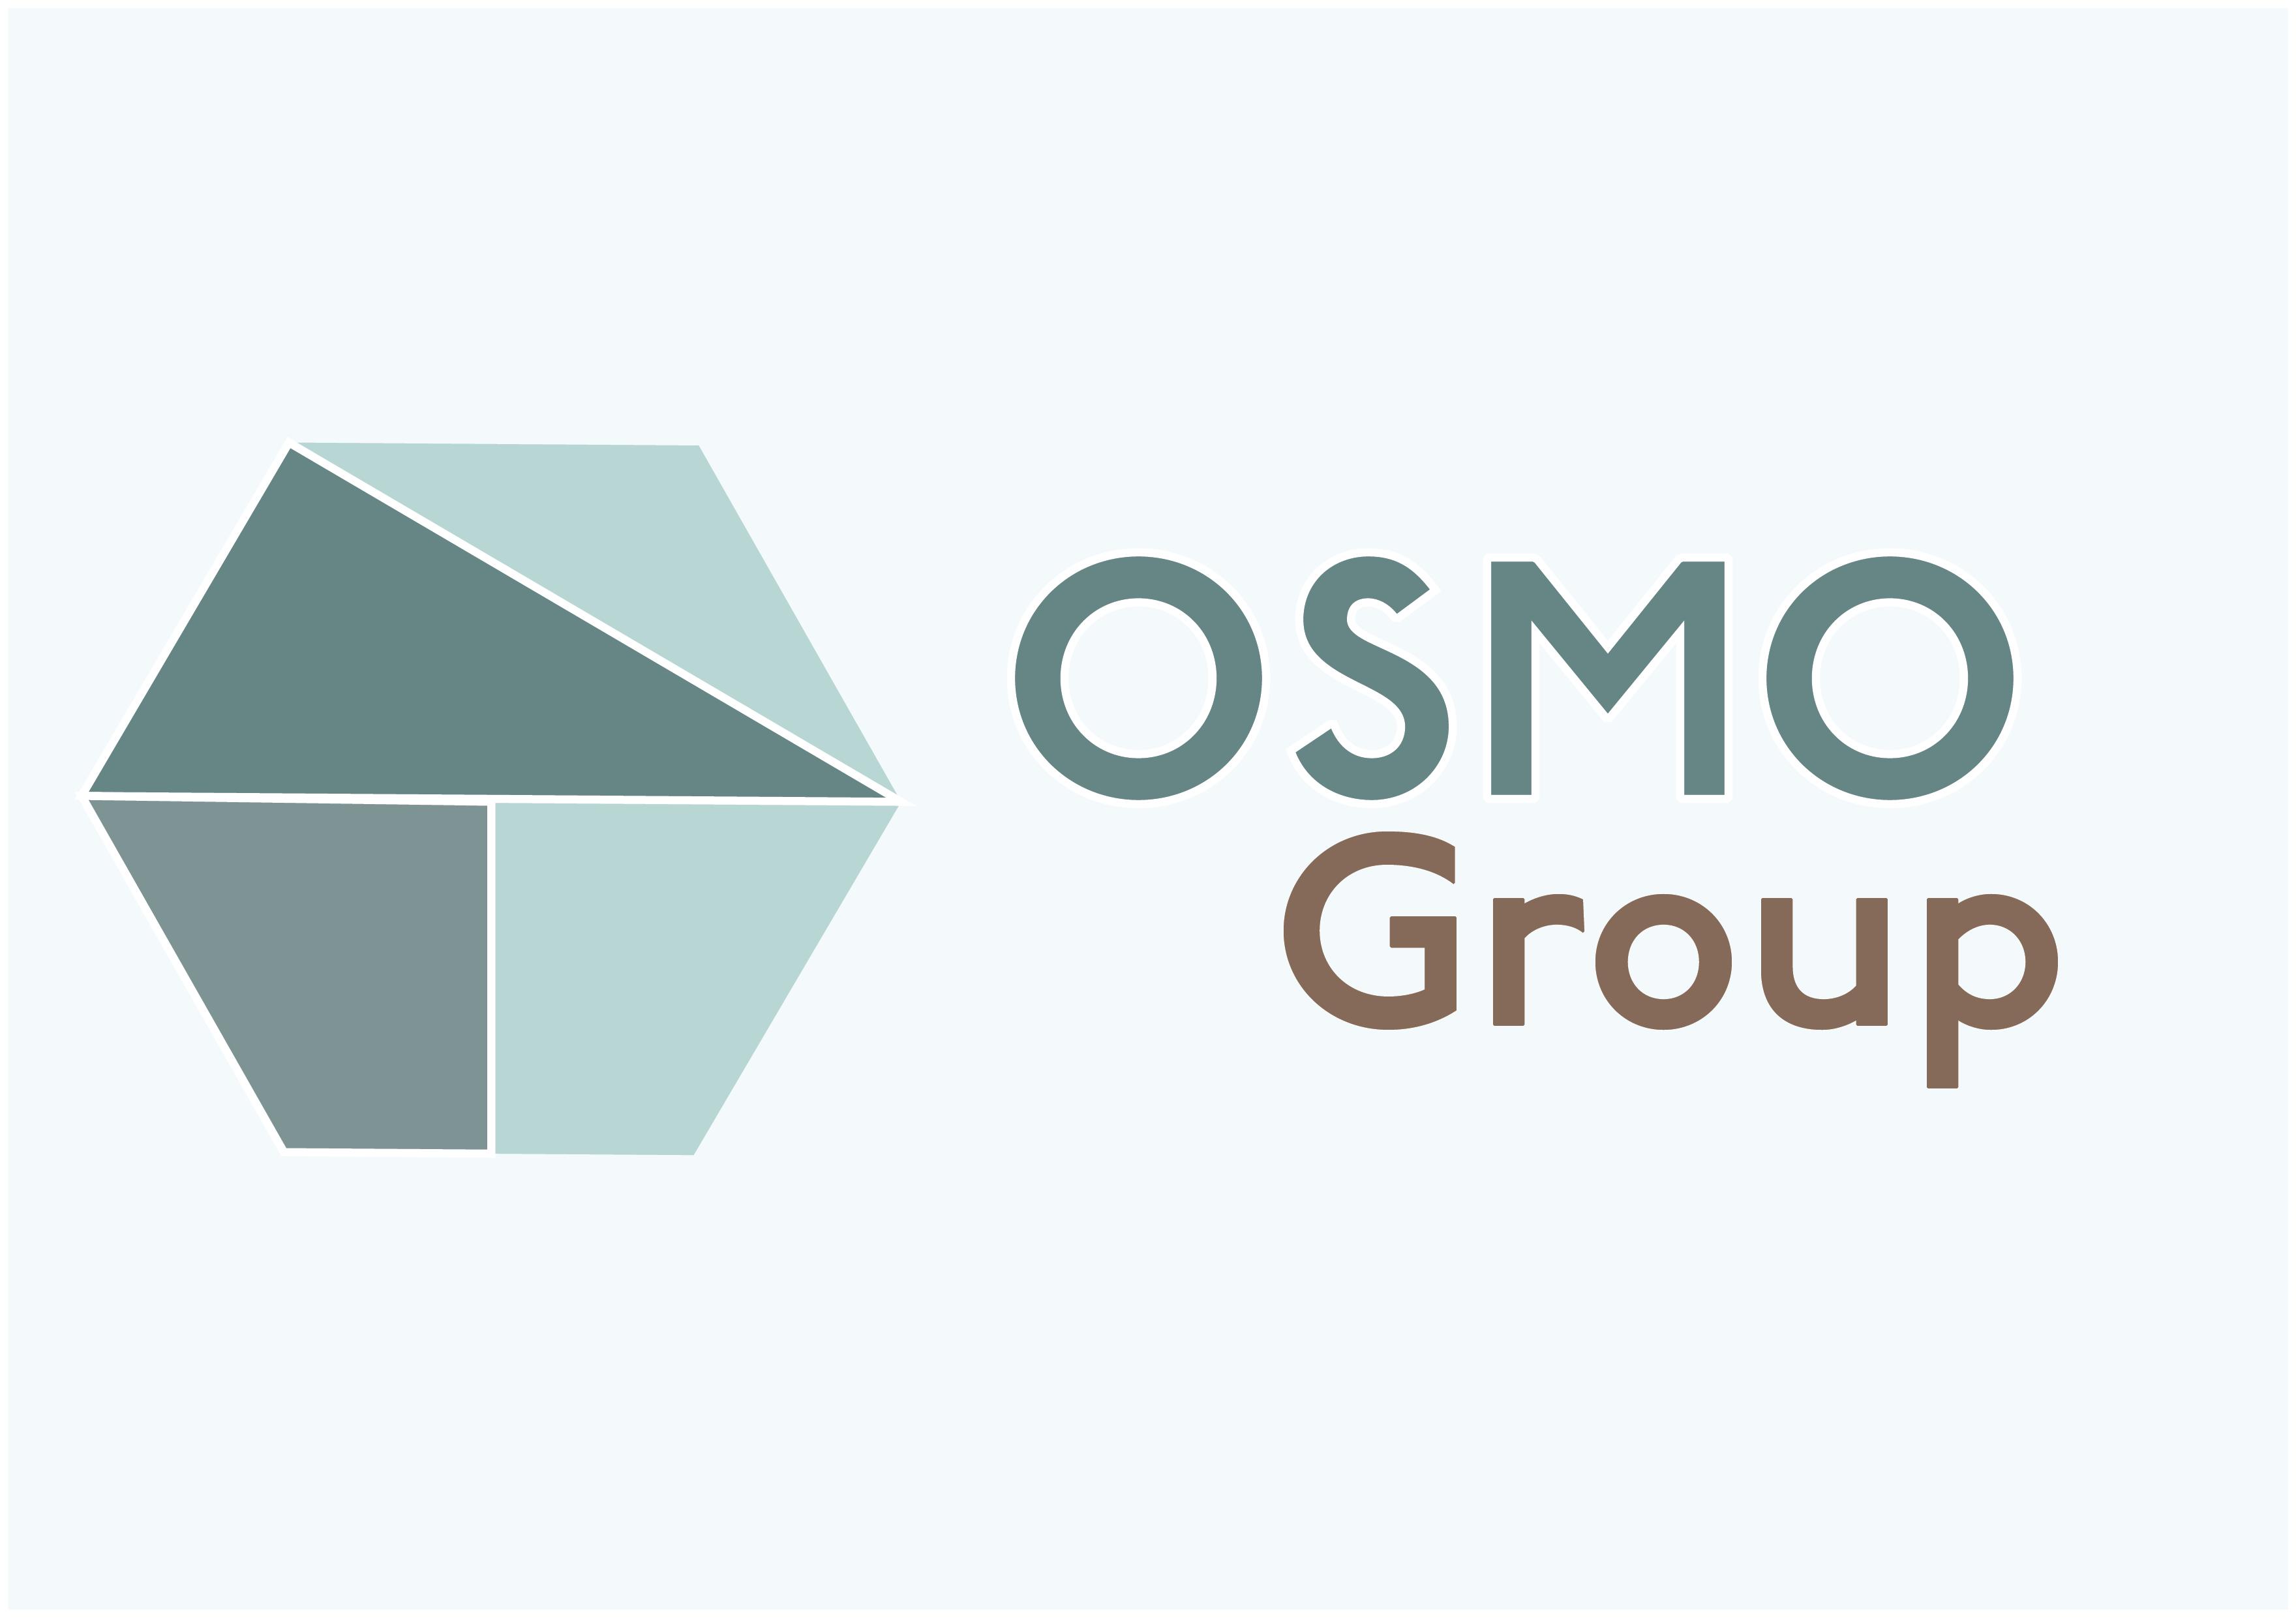 Создание логотипа для строительной компании OSMO group  фото f_74259b3d2671b3eb.png